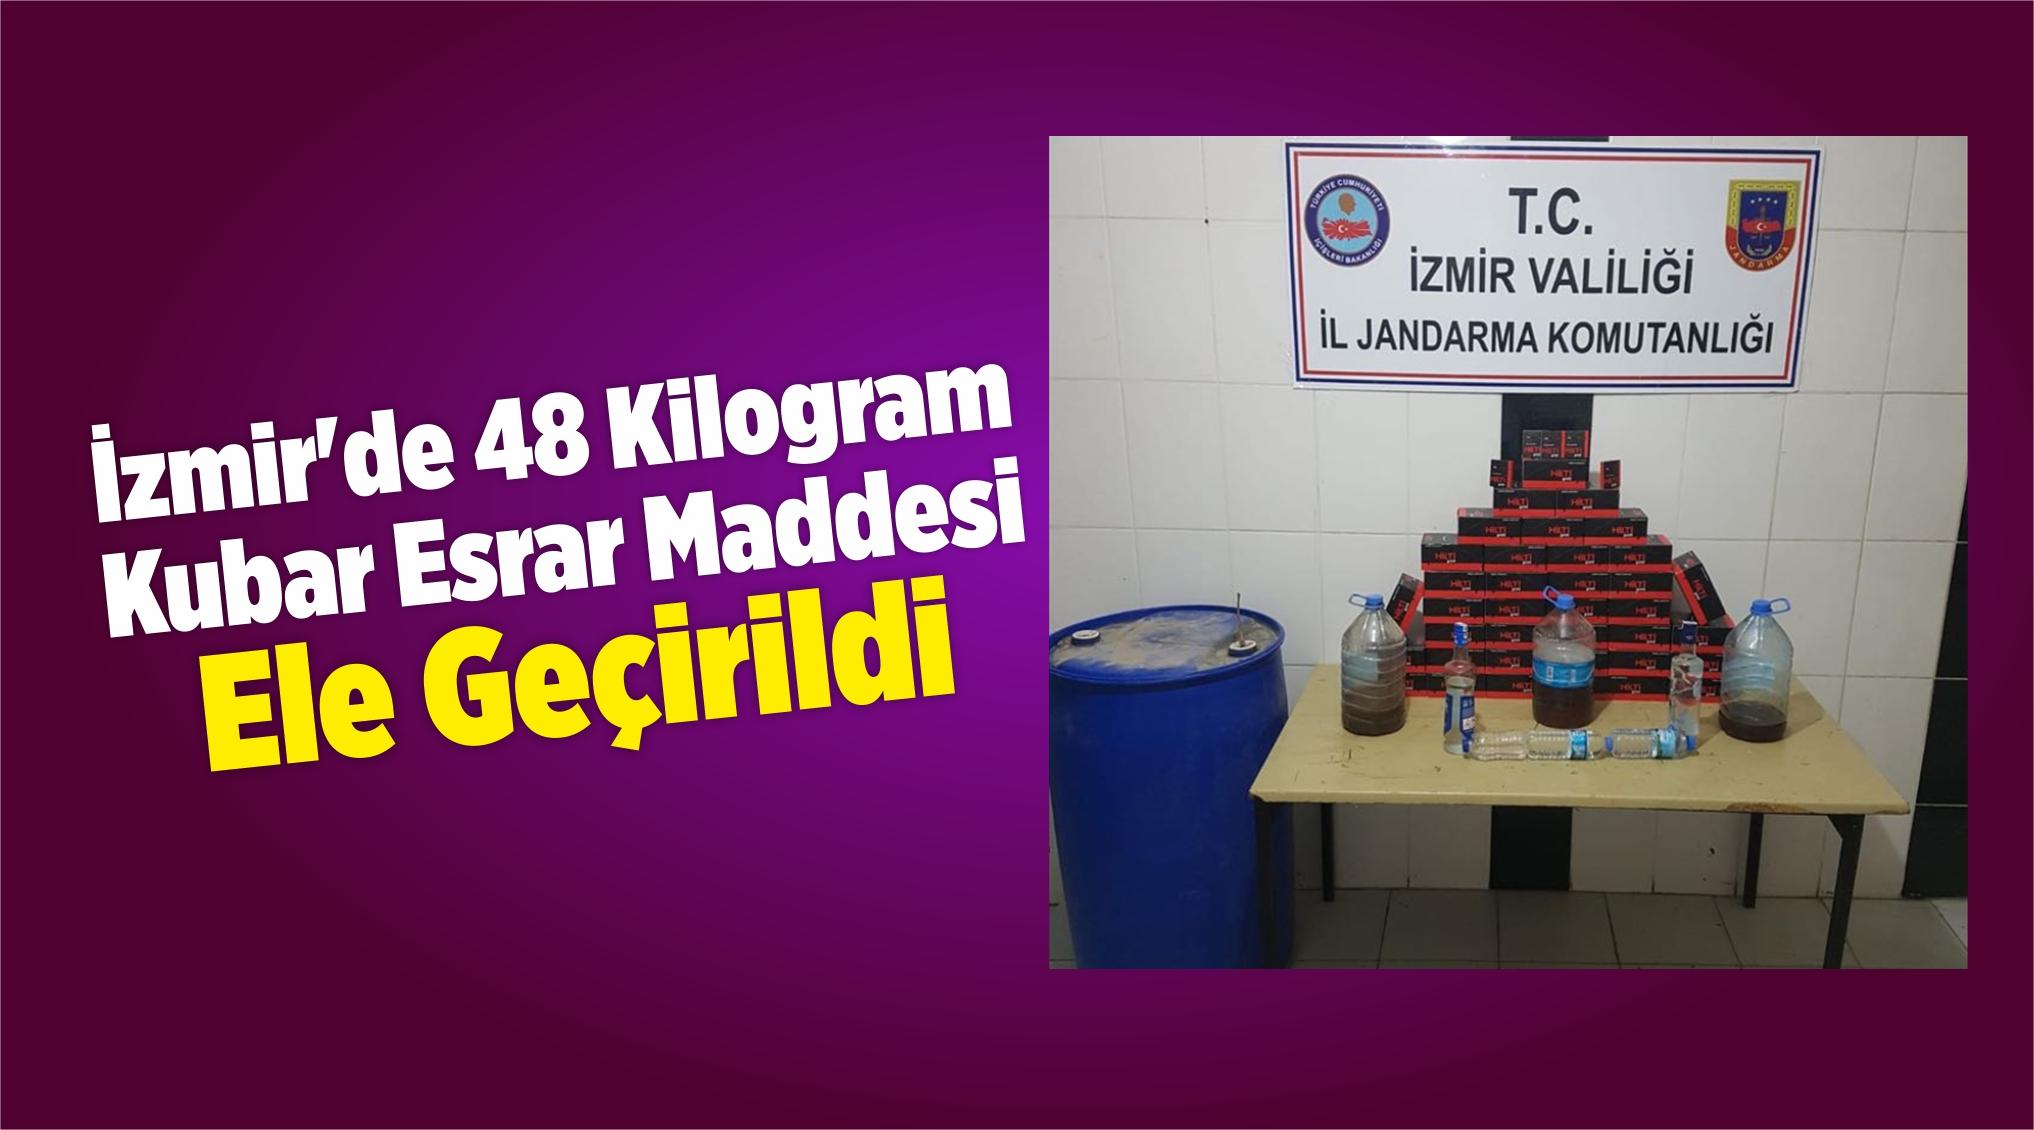 İzmir'de 48 Kilogram Kubar Esrar Maddesi Ele Geçirildi